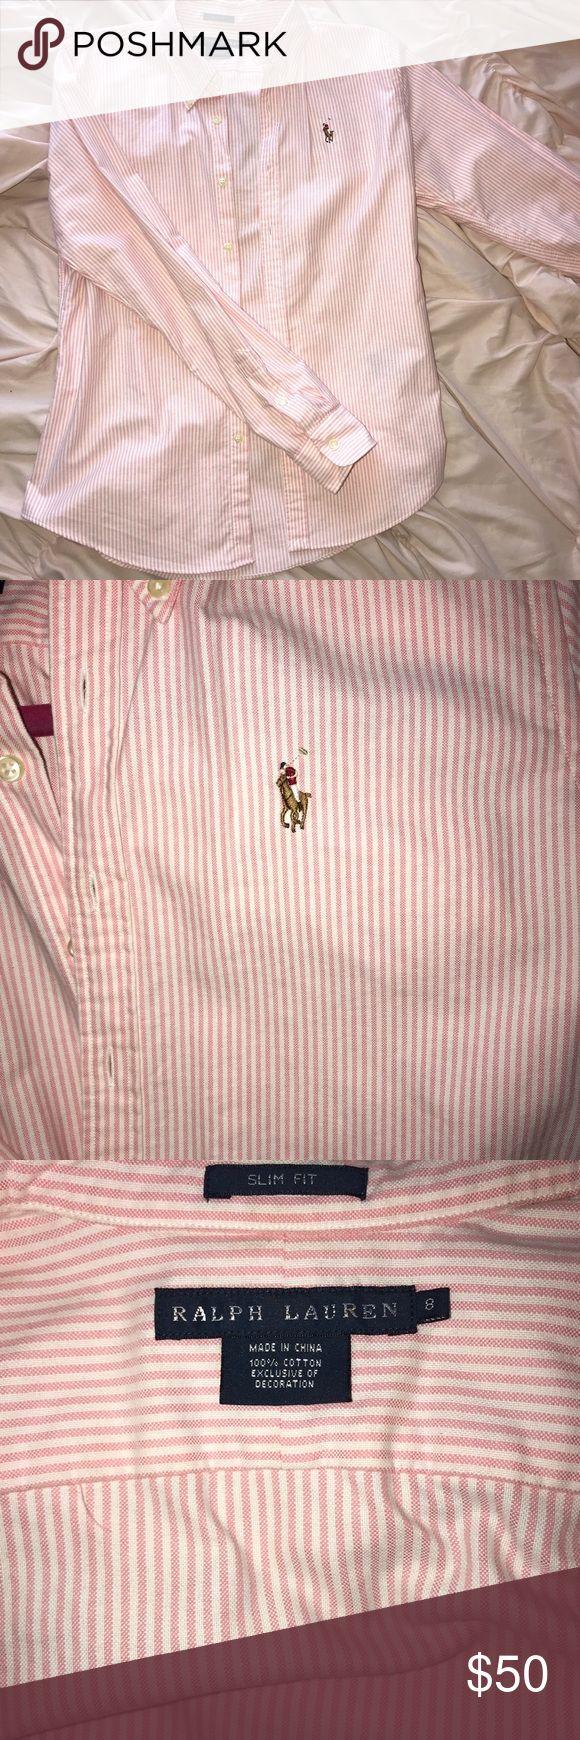 Women's Ralph Lauren Oxford Shirt Slim fit size 8 shirt. Only worn once. Ralph Lauren Tops Button Down Shirts